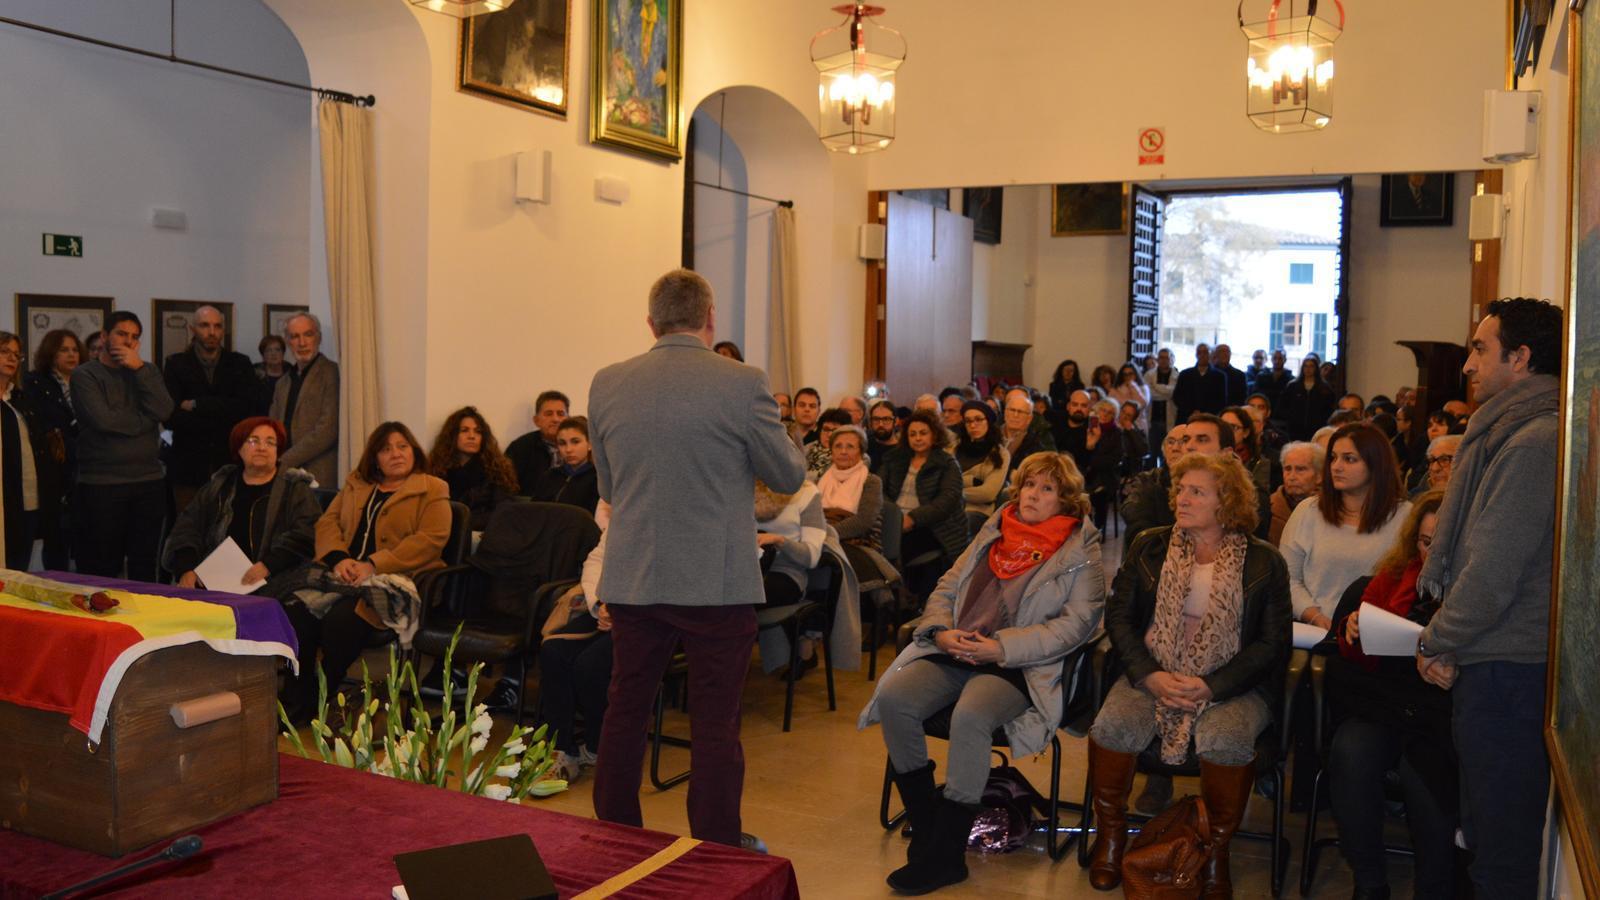 L'Ajuntament de Pollença dona el darrer adéu de Joan Losa amb un senzill i sentit homenatge